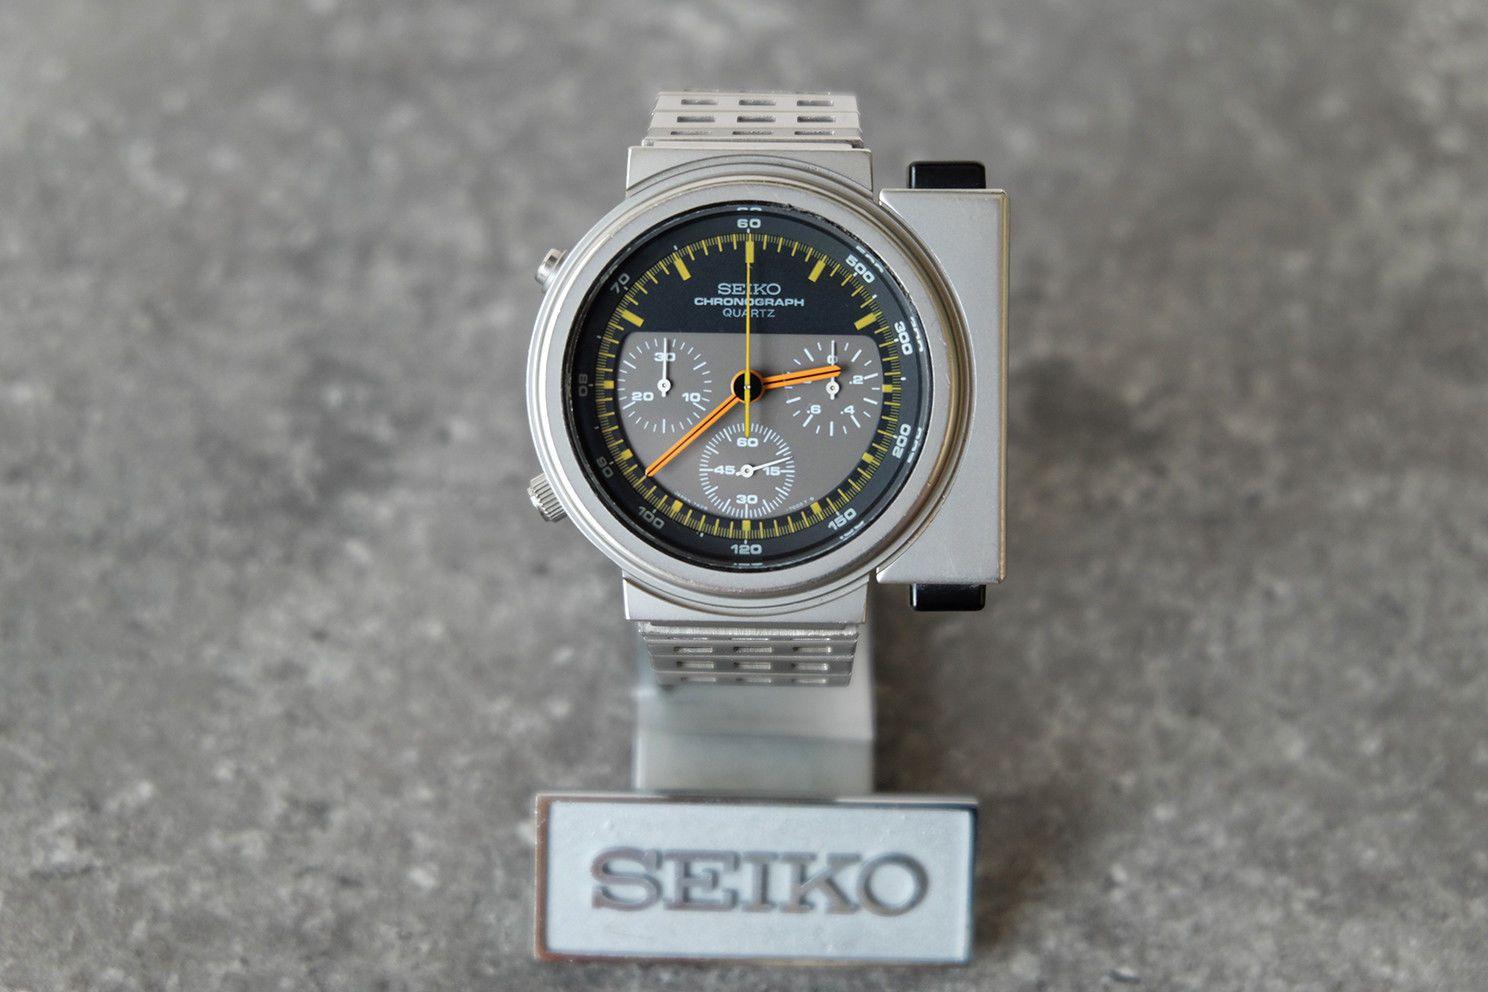 7306fb97f82 SEIKO 7A28 - 7000 GIUGIARO Ripley Alien Speedmaster Chronograph Vintage  Watch